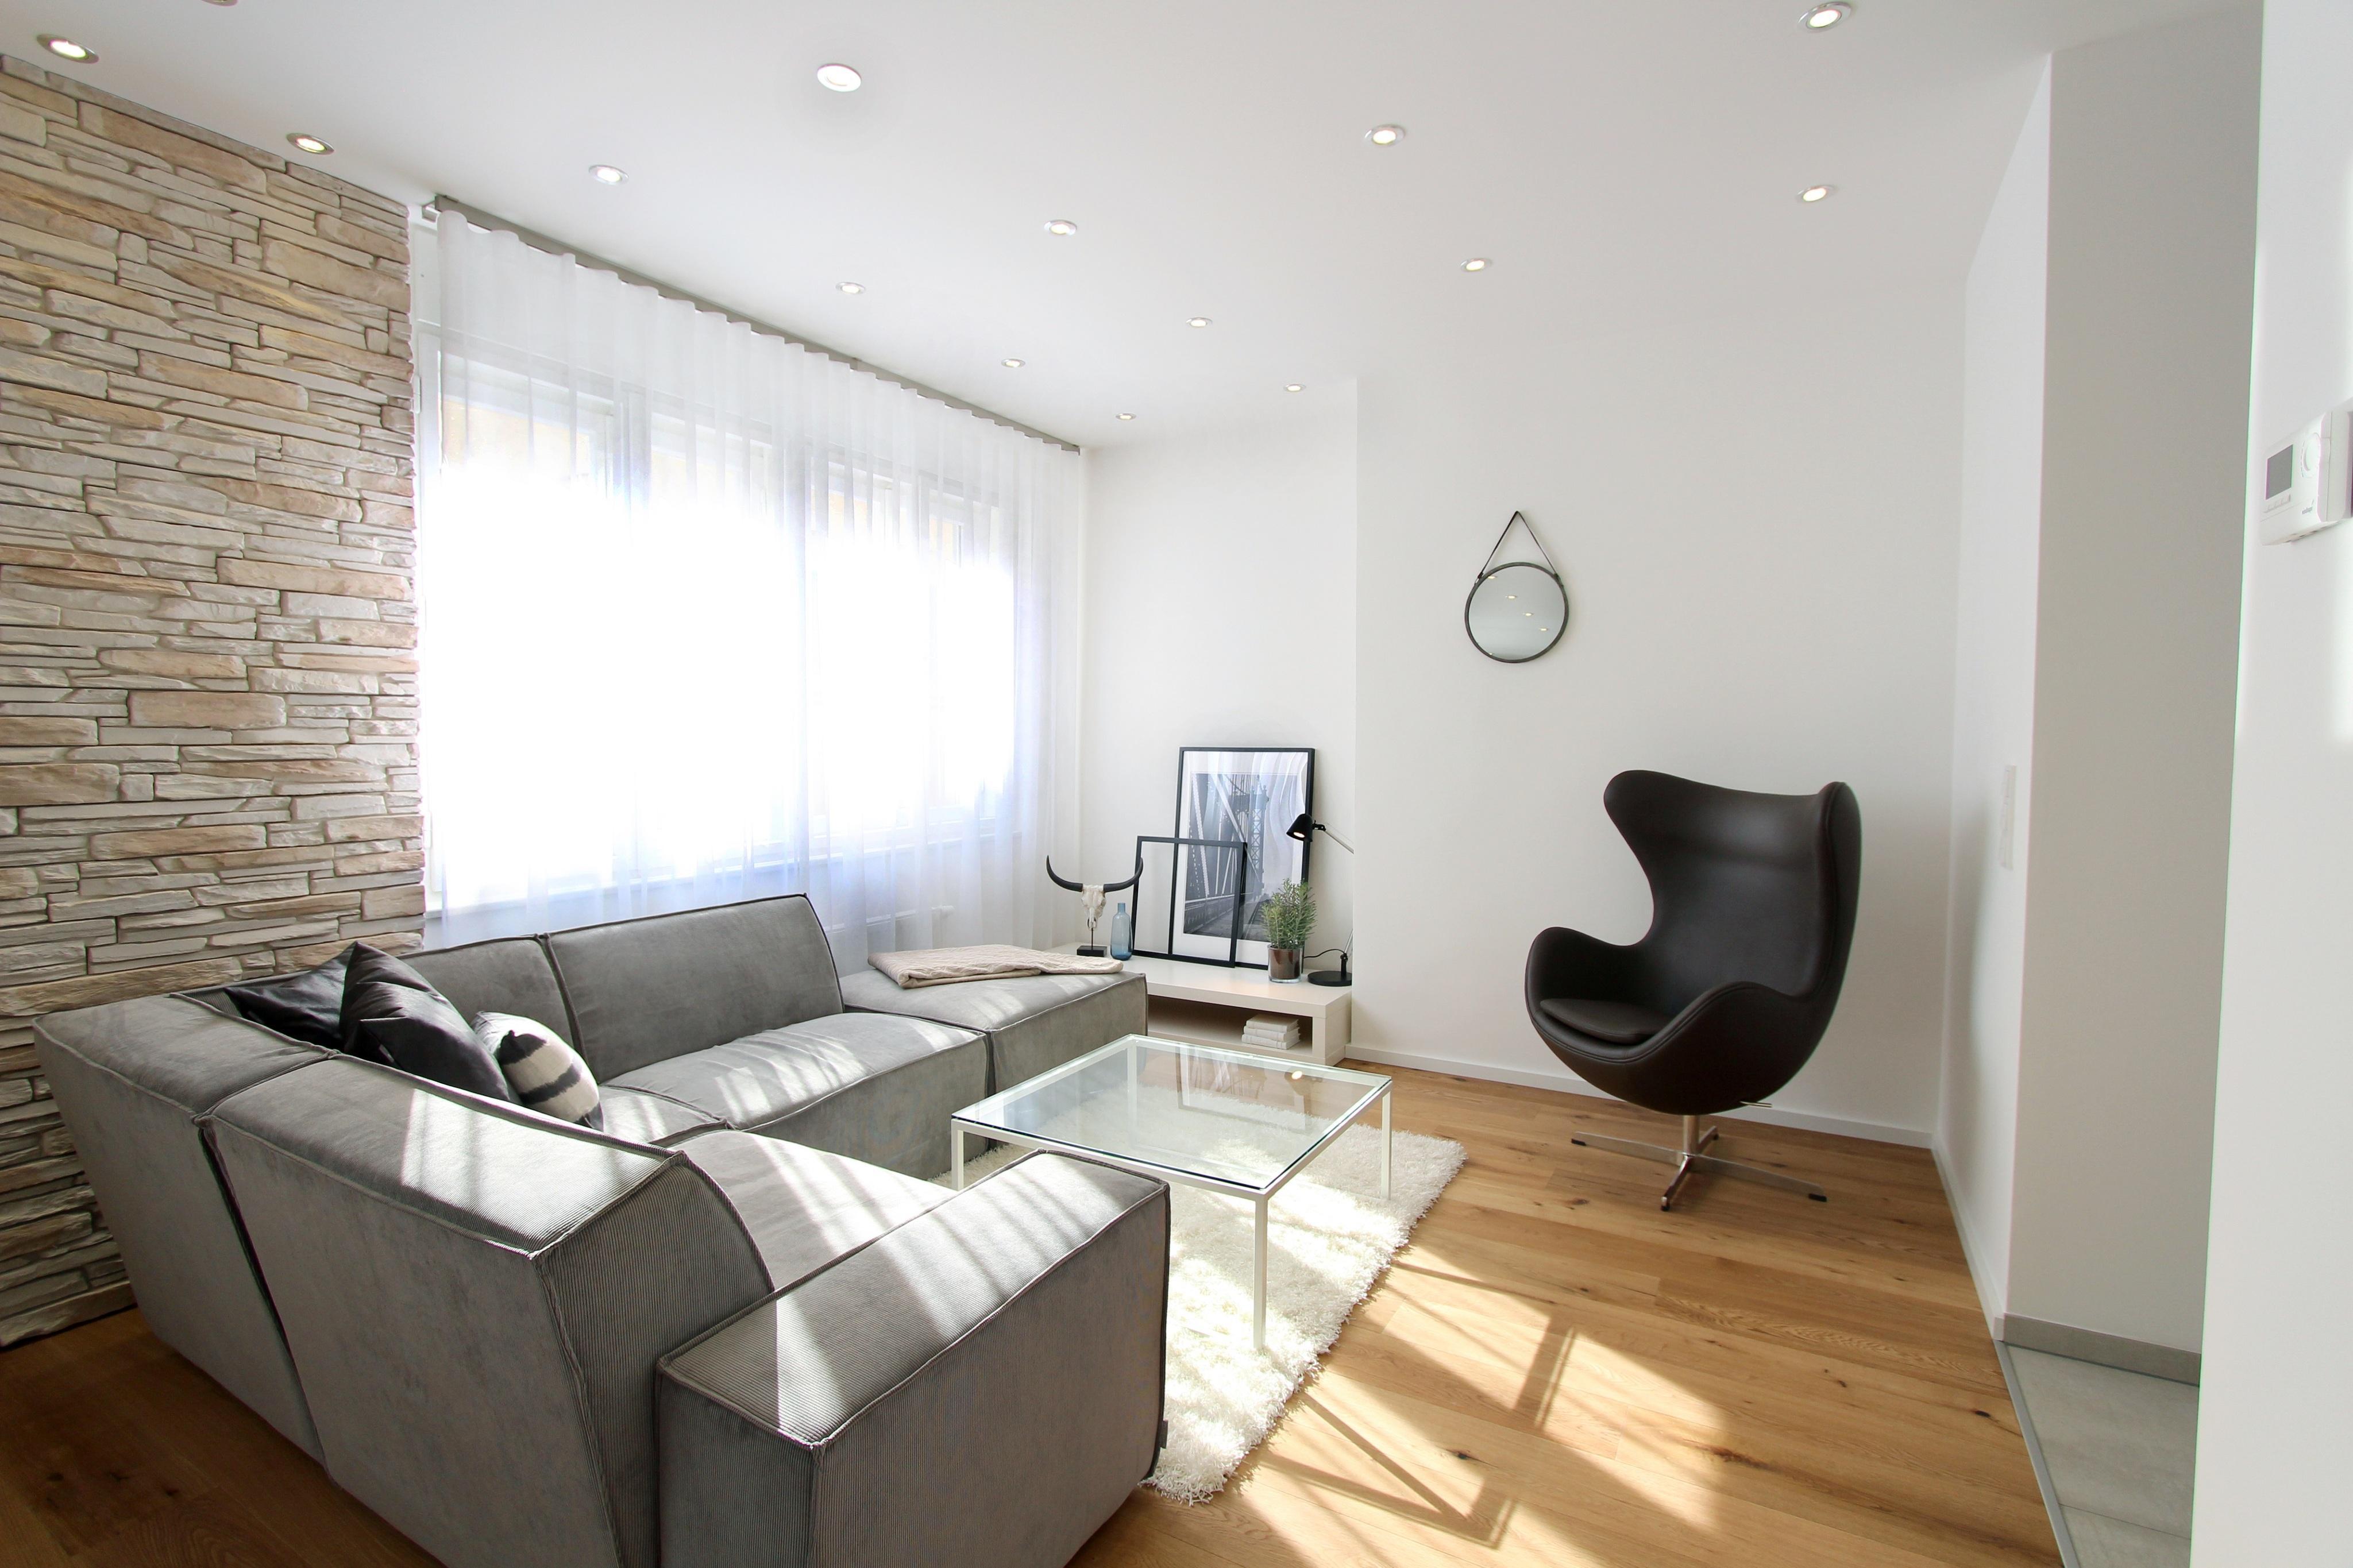 graues sofa • bilder & ideen • couchstyle, Wohnzimmer